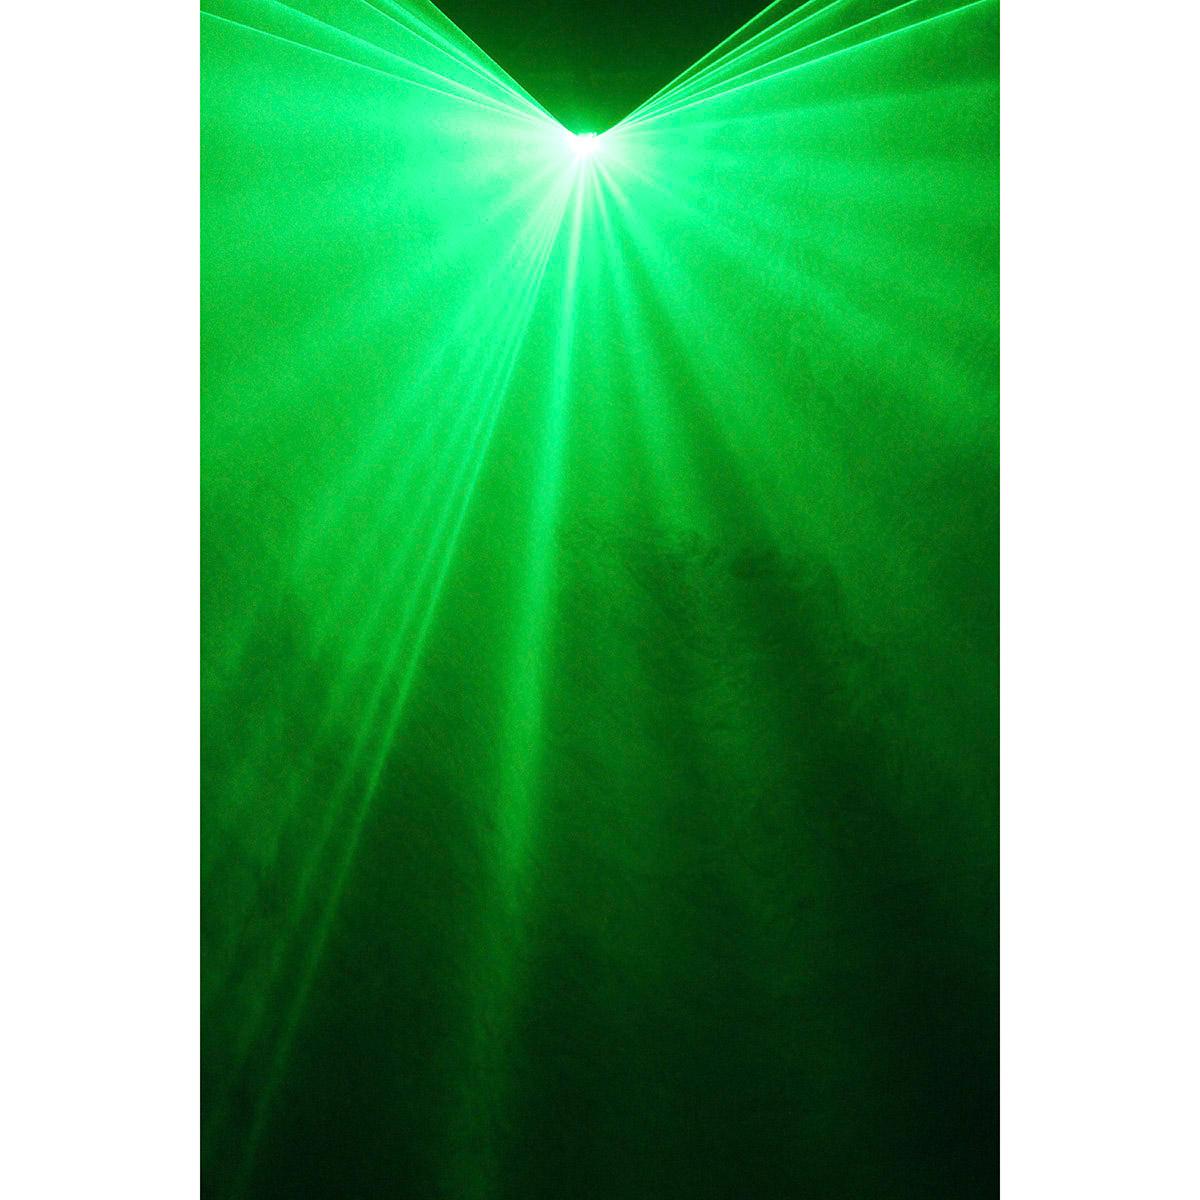 KUB 50 Green